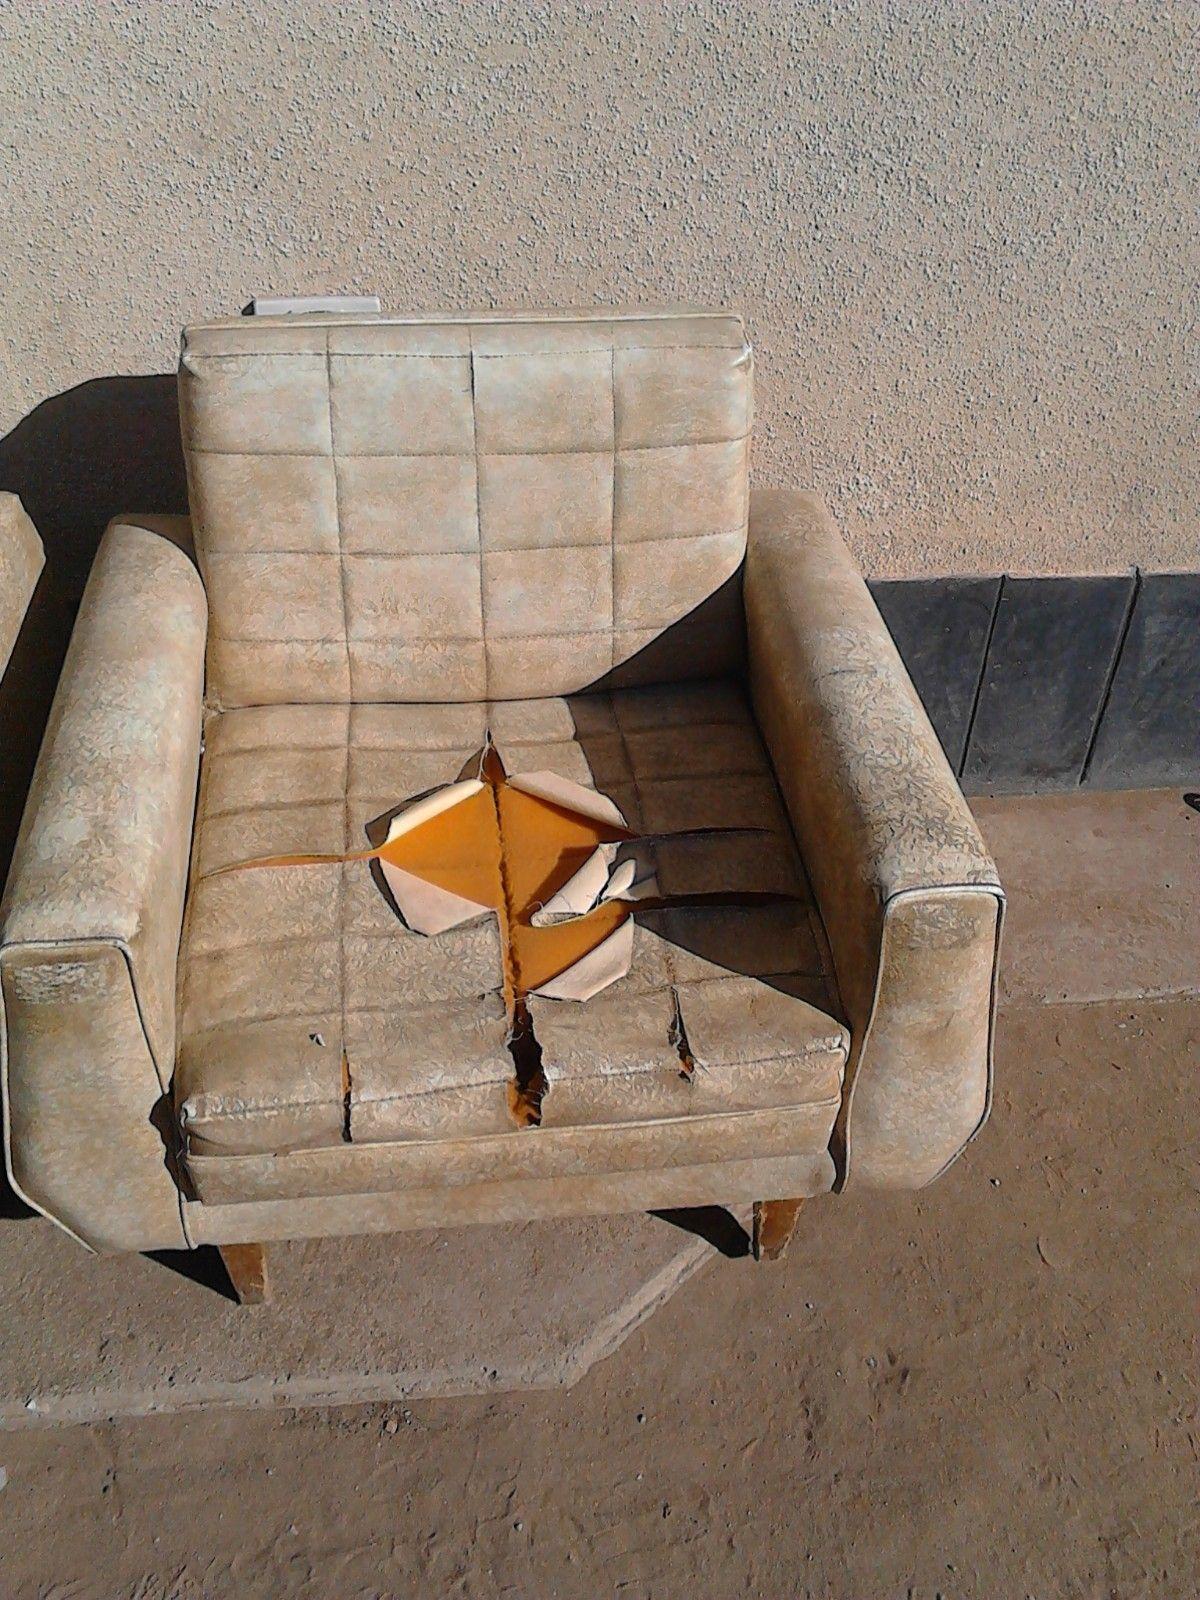 Vendo 2 sillones antiguos para restaurar hogar muebles - Vendo muebles antiguos para restaurar ...